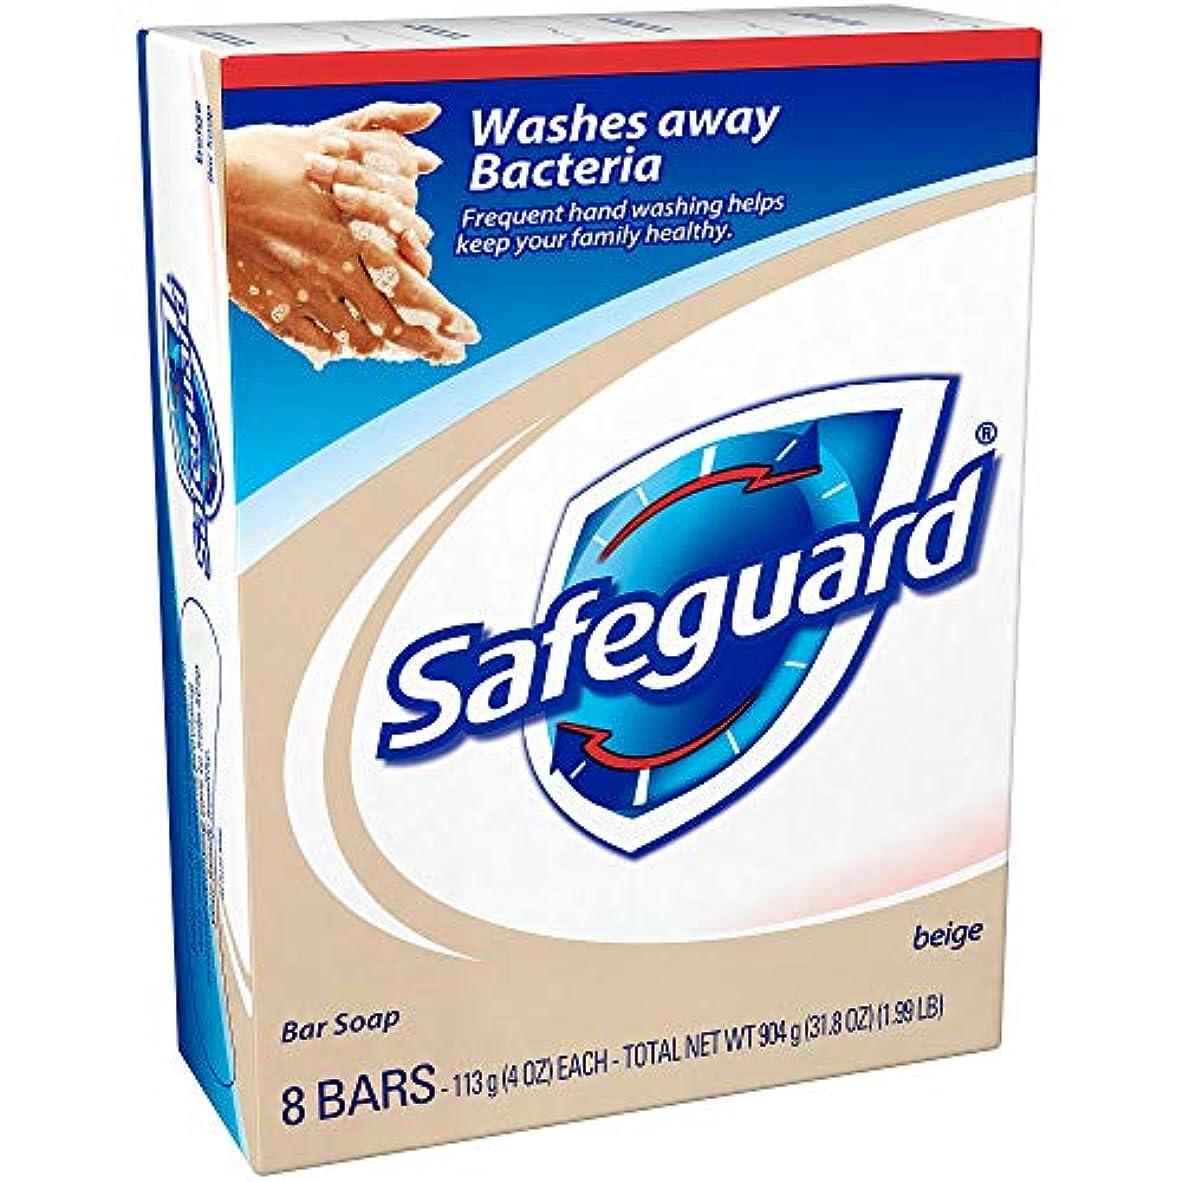 裁量申し立てられた回想Safeguard 抗菌消臭石鹸、4つのオズバー、8 Eaは(4パック)